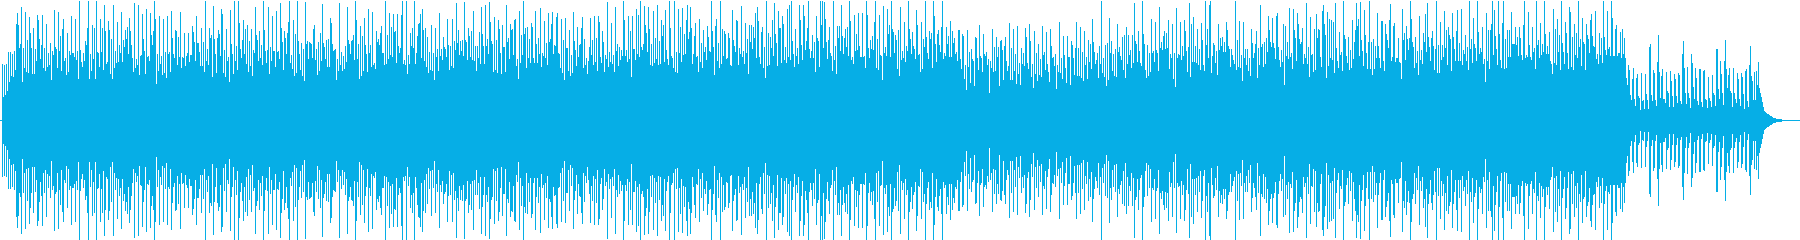 和風の三味線ダンスミュージックの再生済みの波形